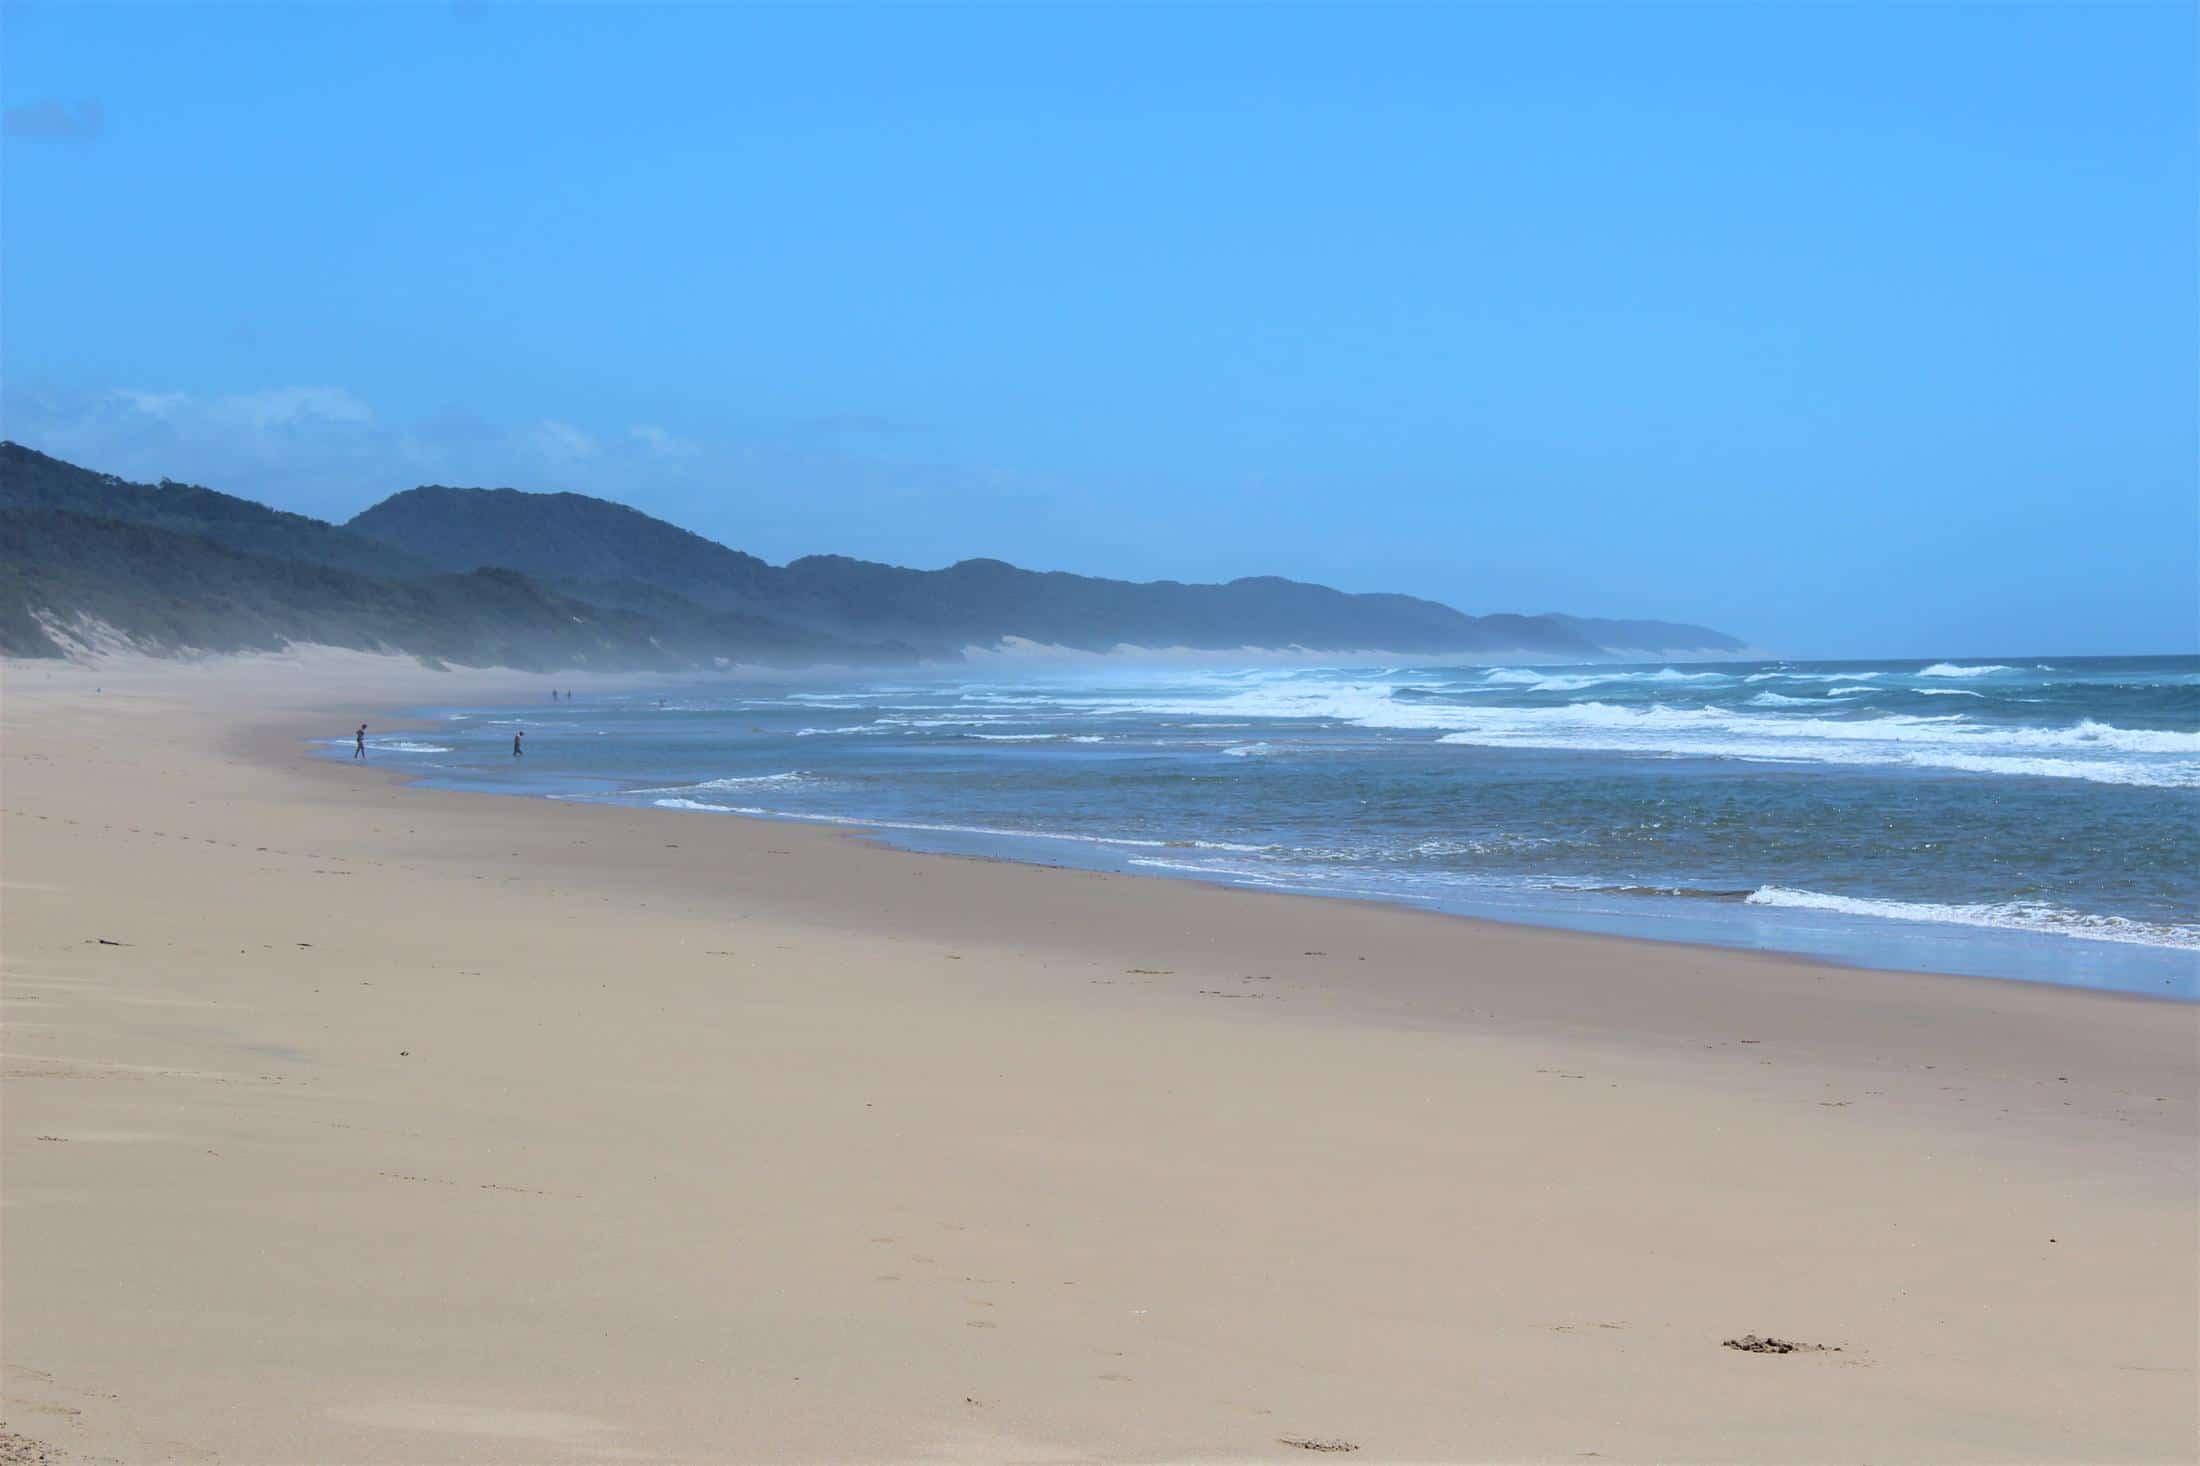 Safari & Strand reizen Afrika - Kustlijn Zuid-Afrika, strand Cape Vidal